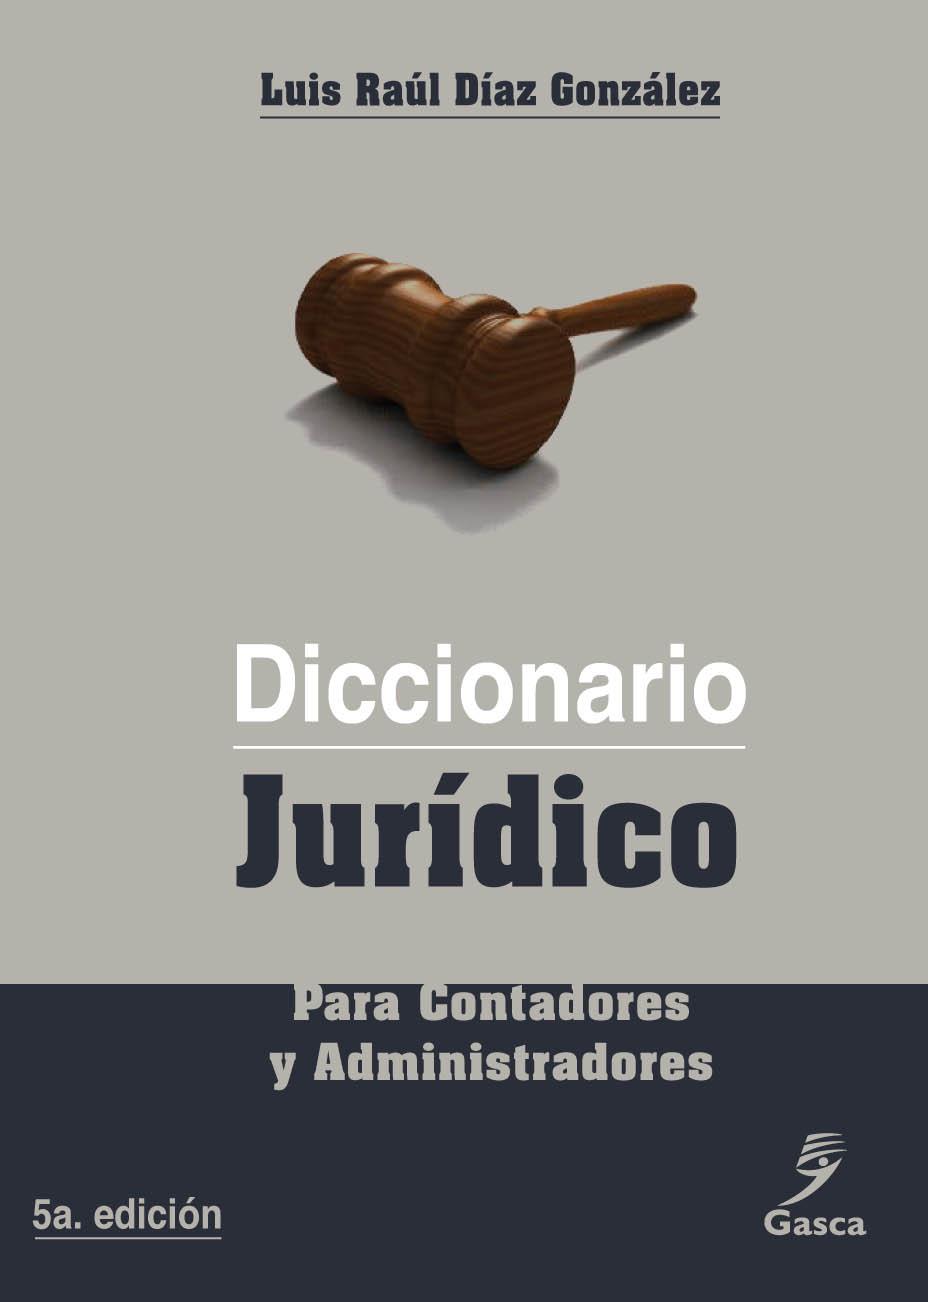 Diccionario juridico mexicano tomo iv